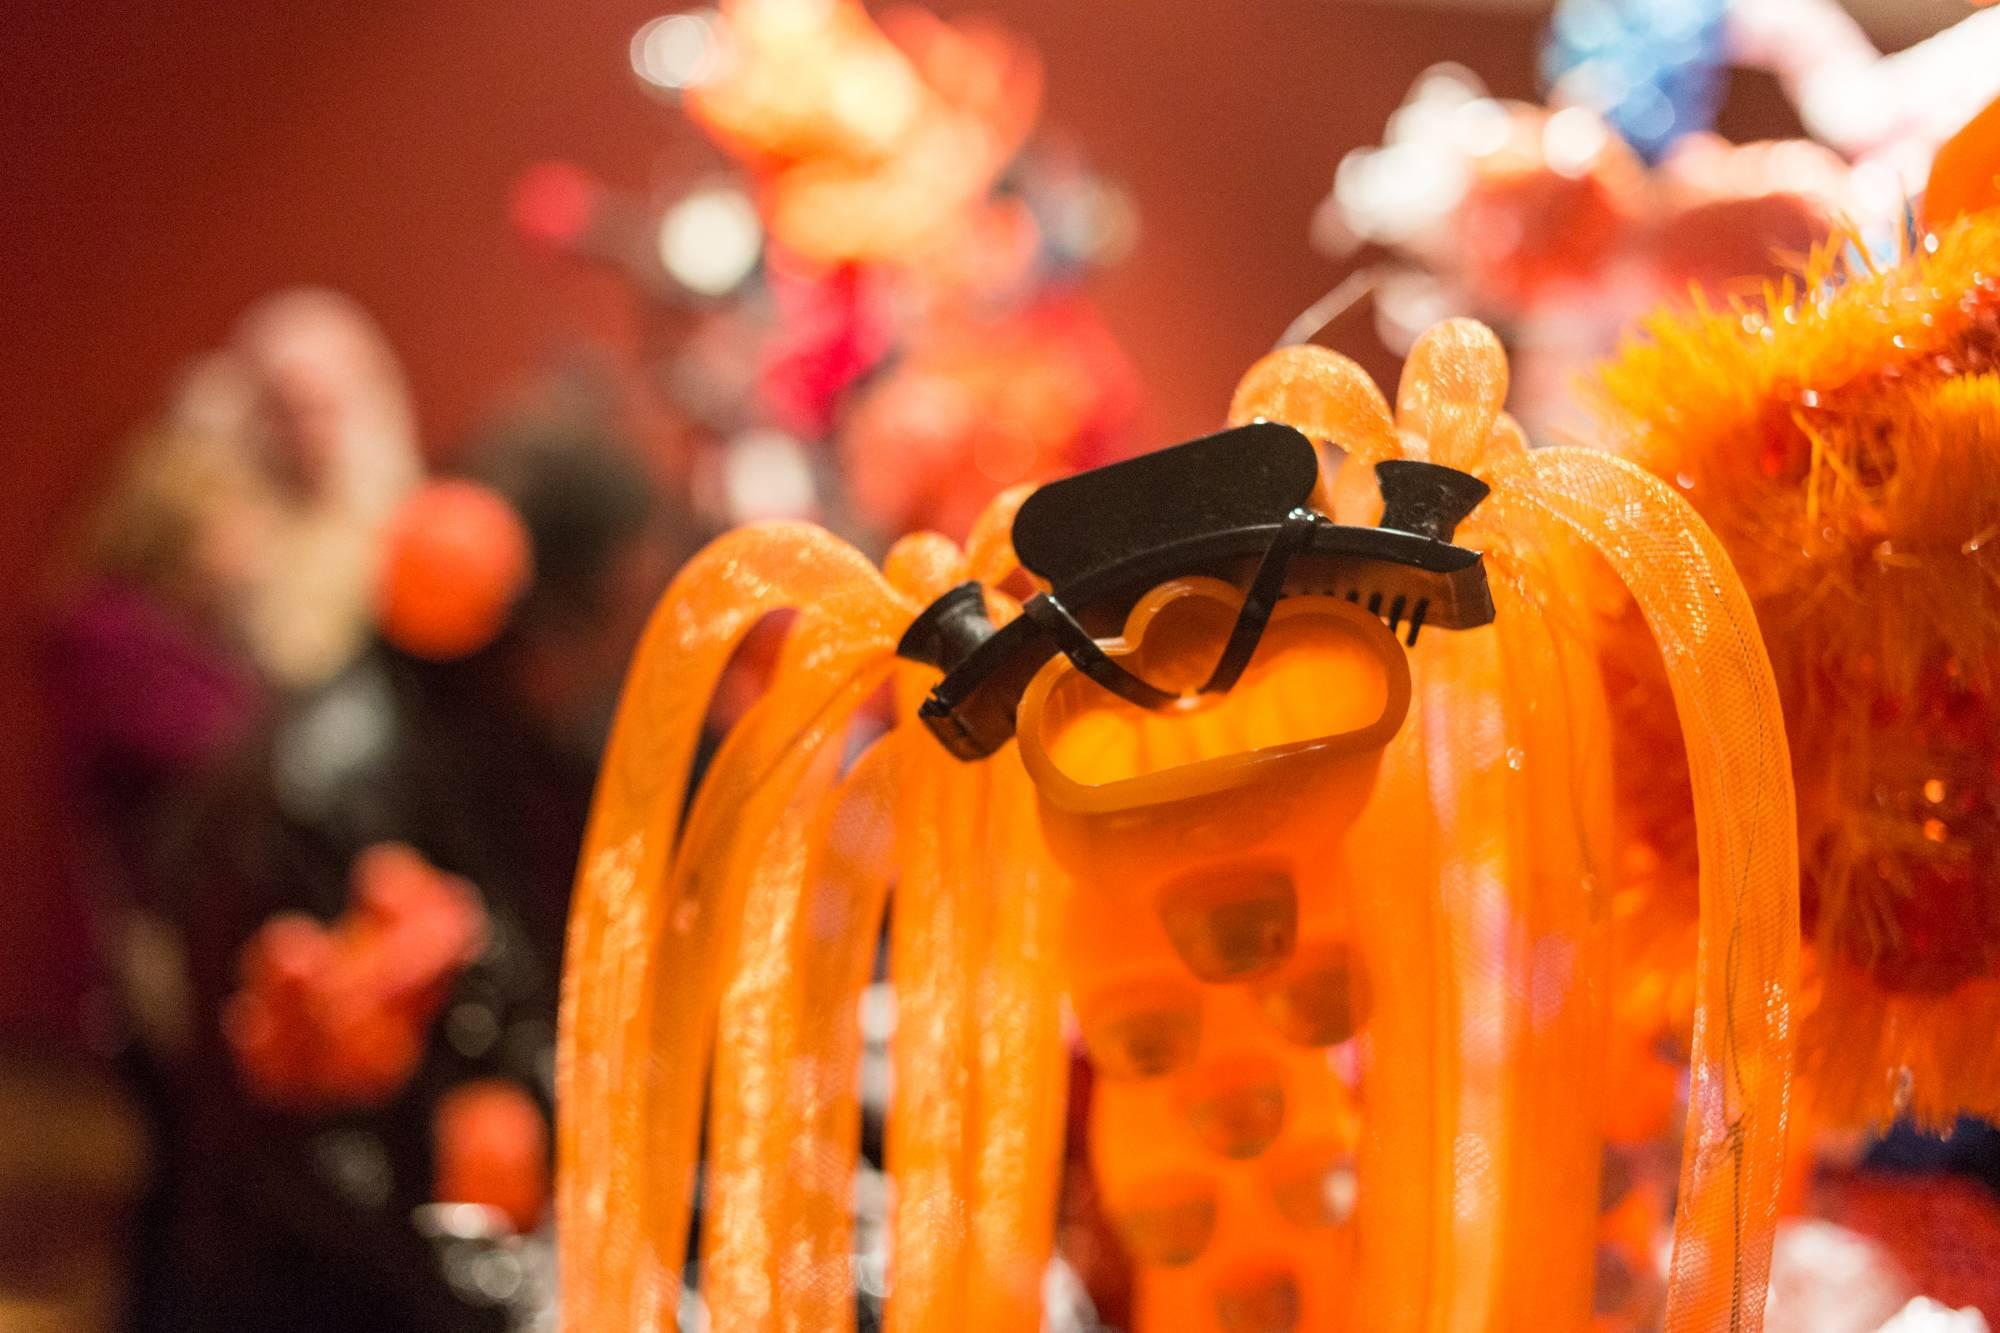 Orange plastic tubing